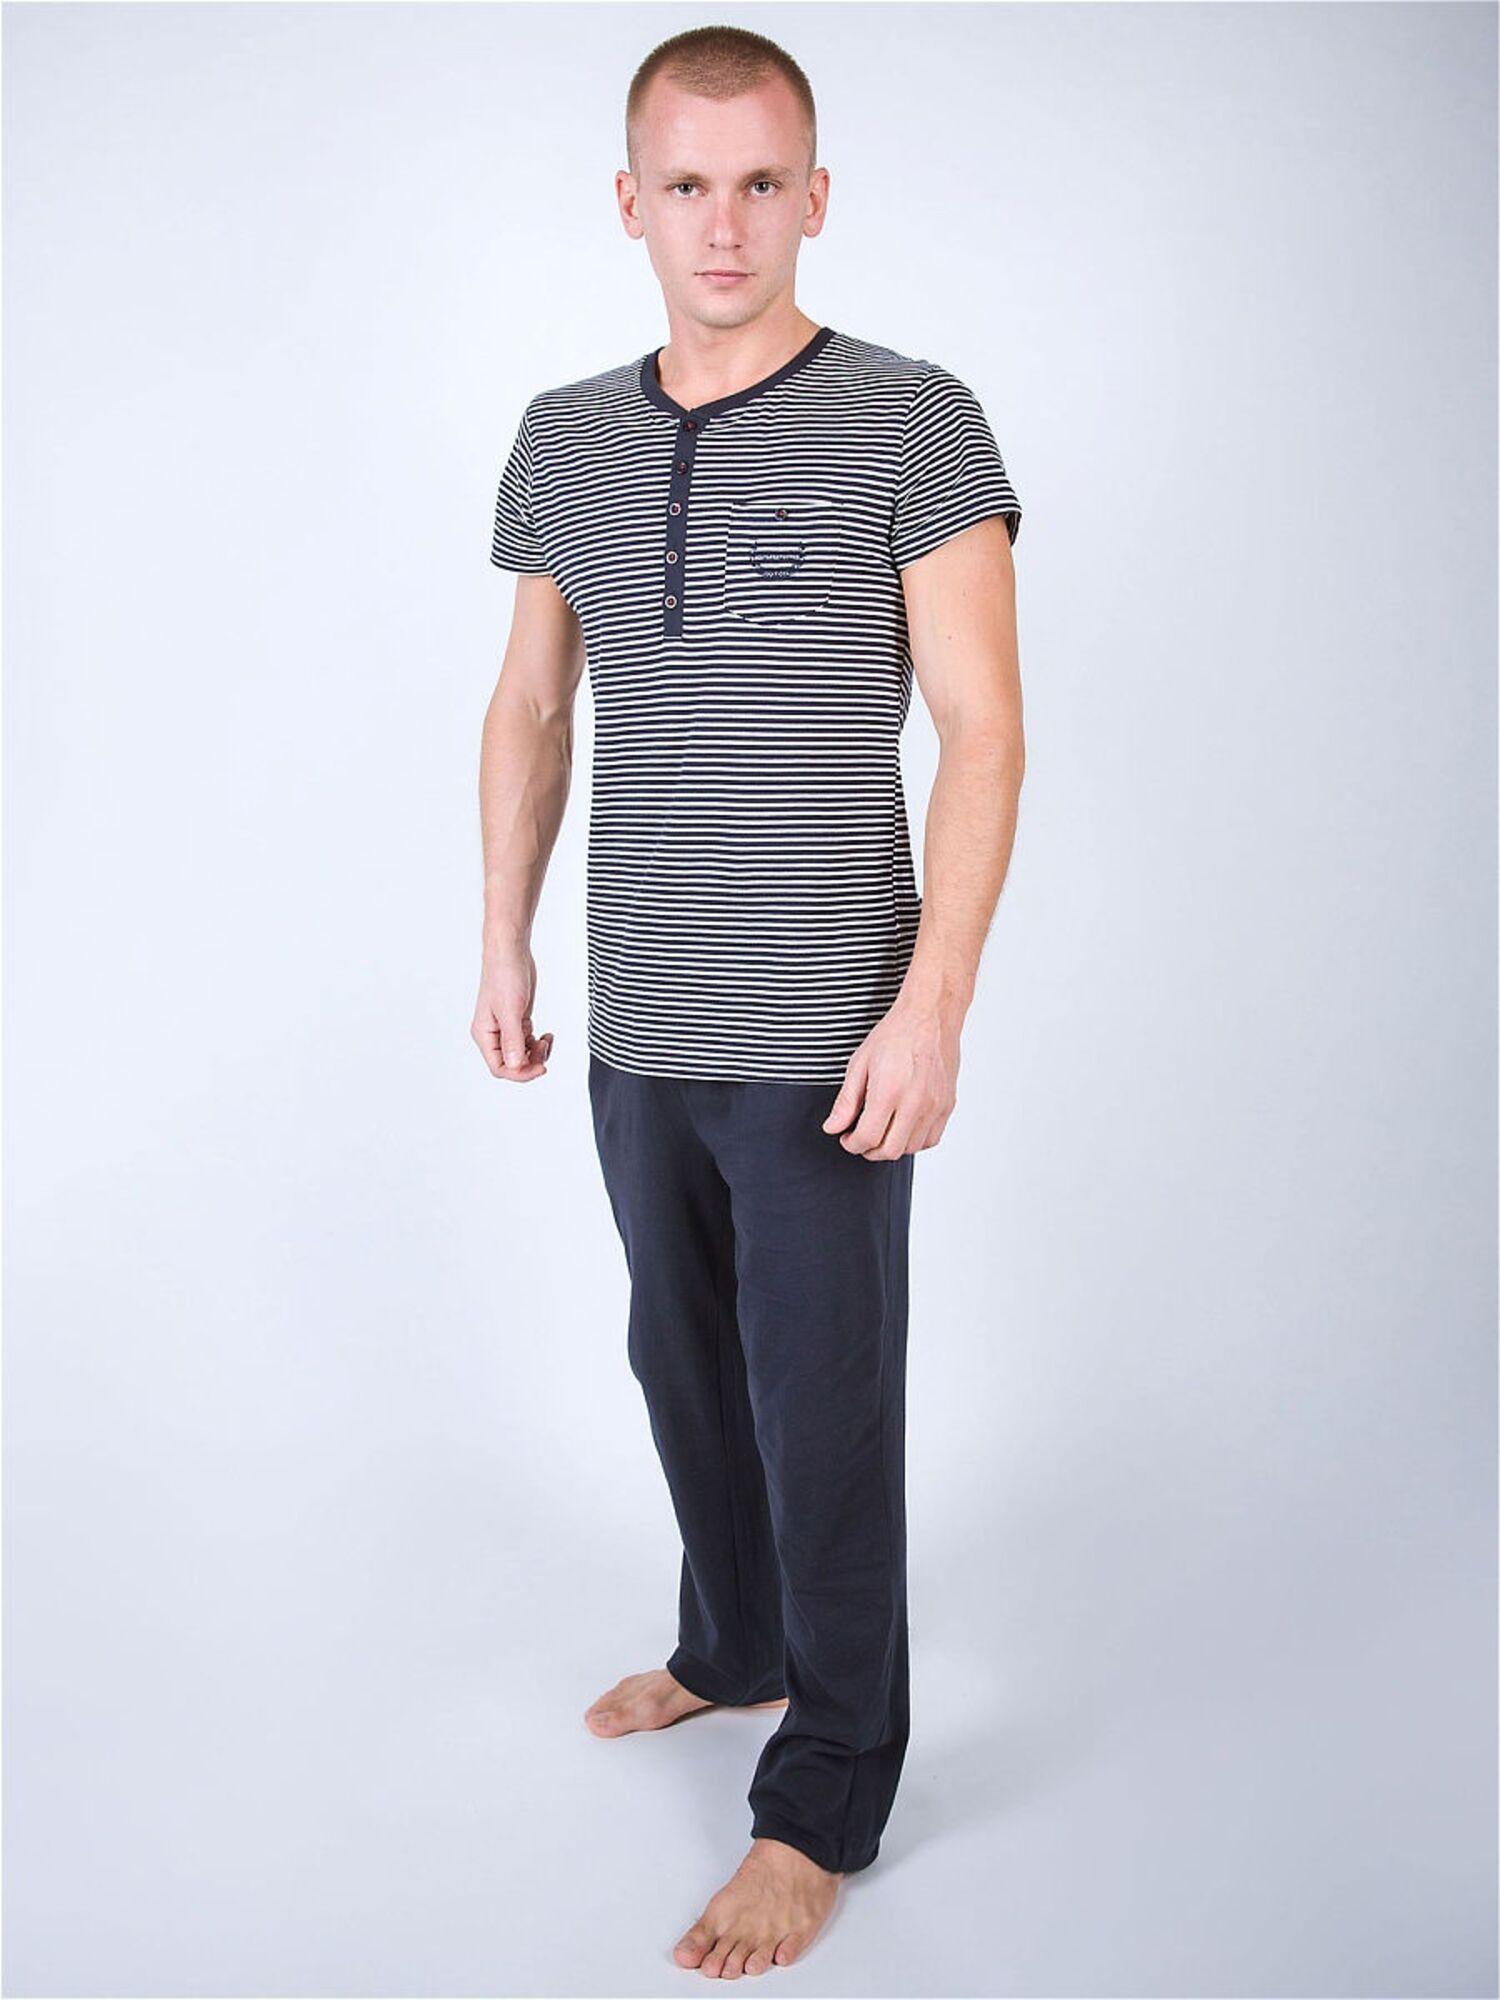 Комплект мужской с брюками PJ002 сений, Gentlemen